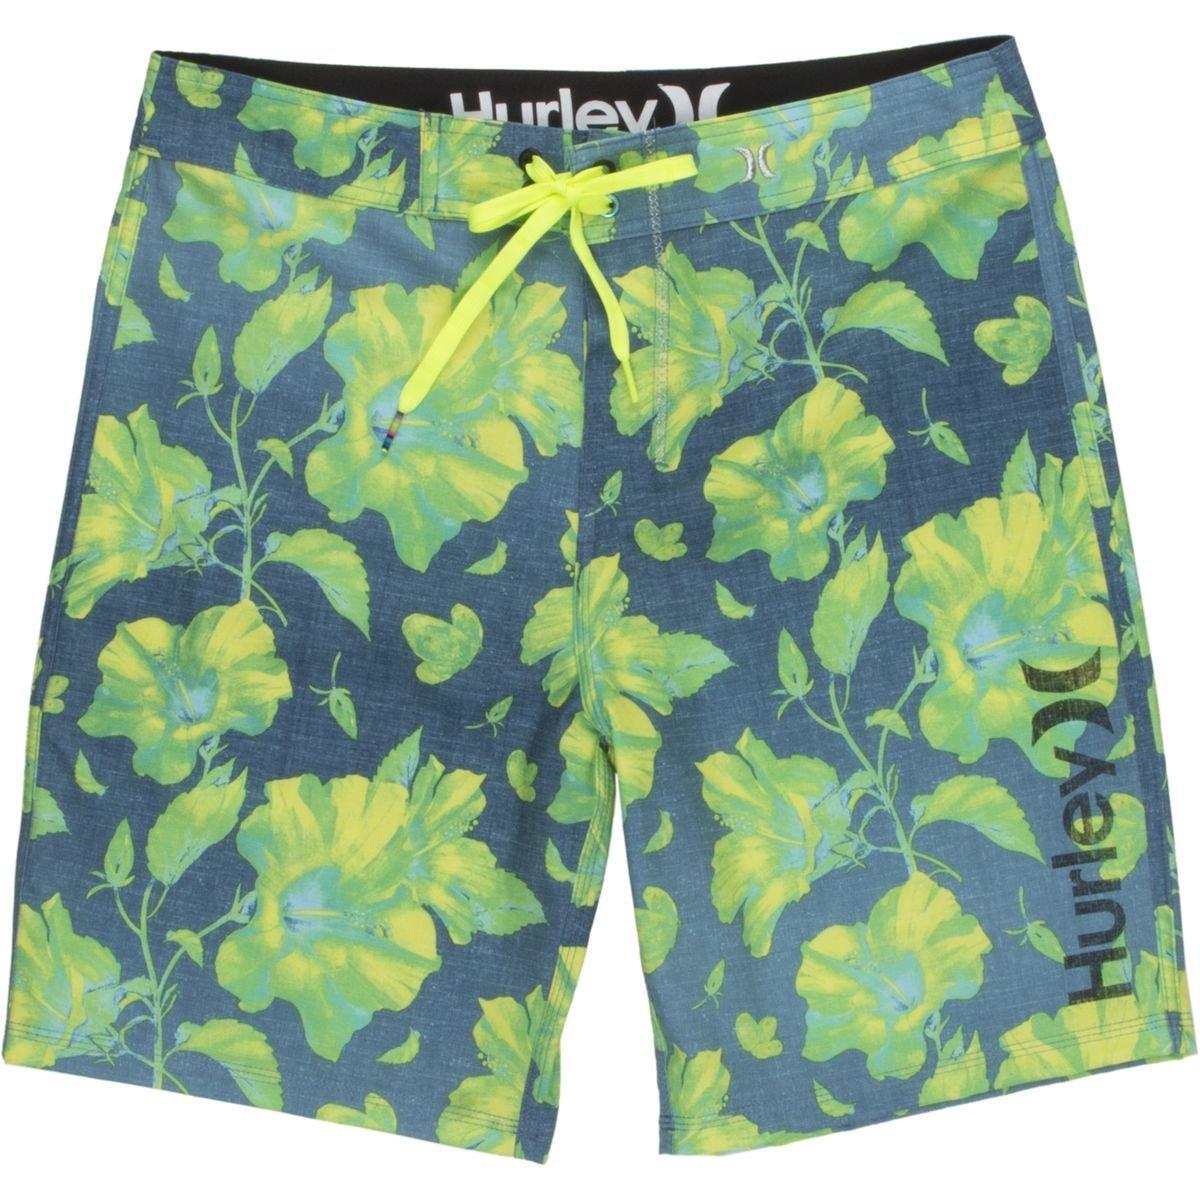 Hurley Mens Phantom Flora 19 Boardshorts